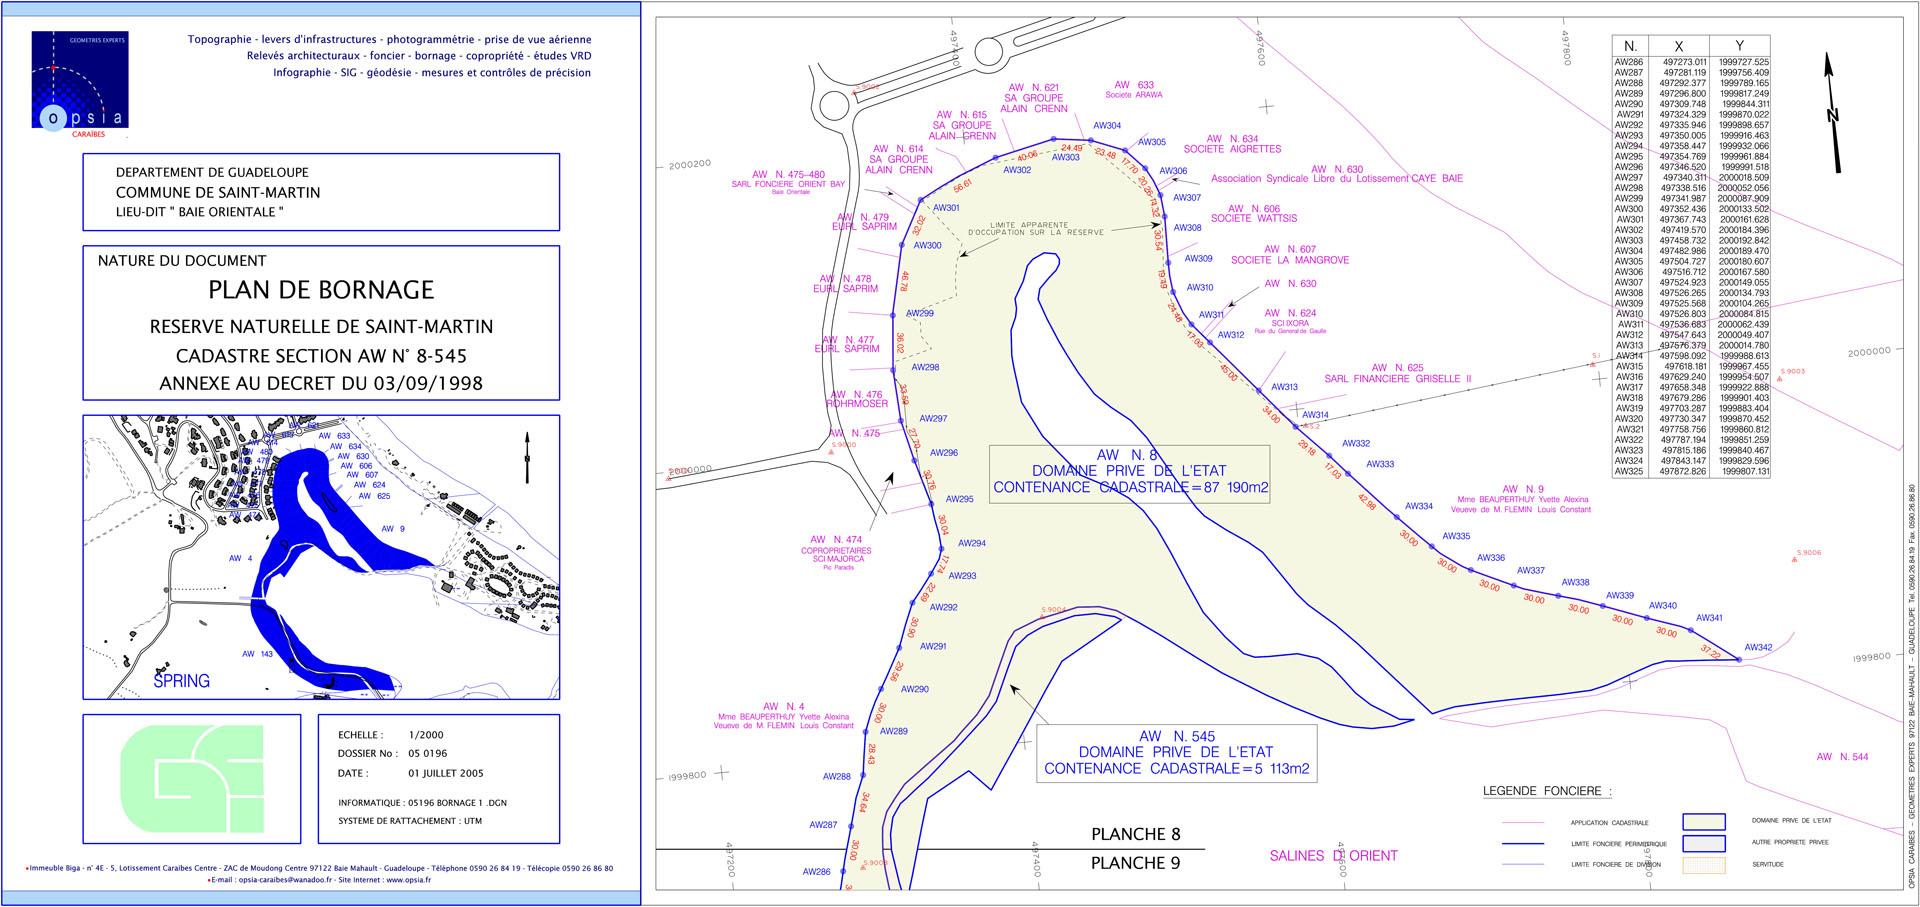 Plan de bornage - Salines d'Orient #1